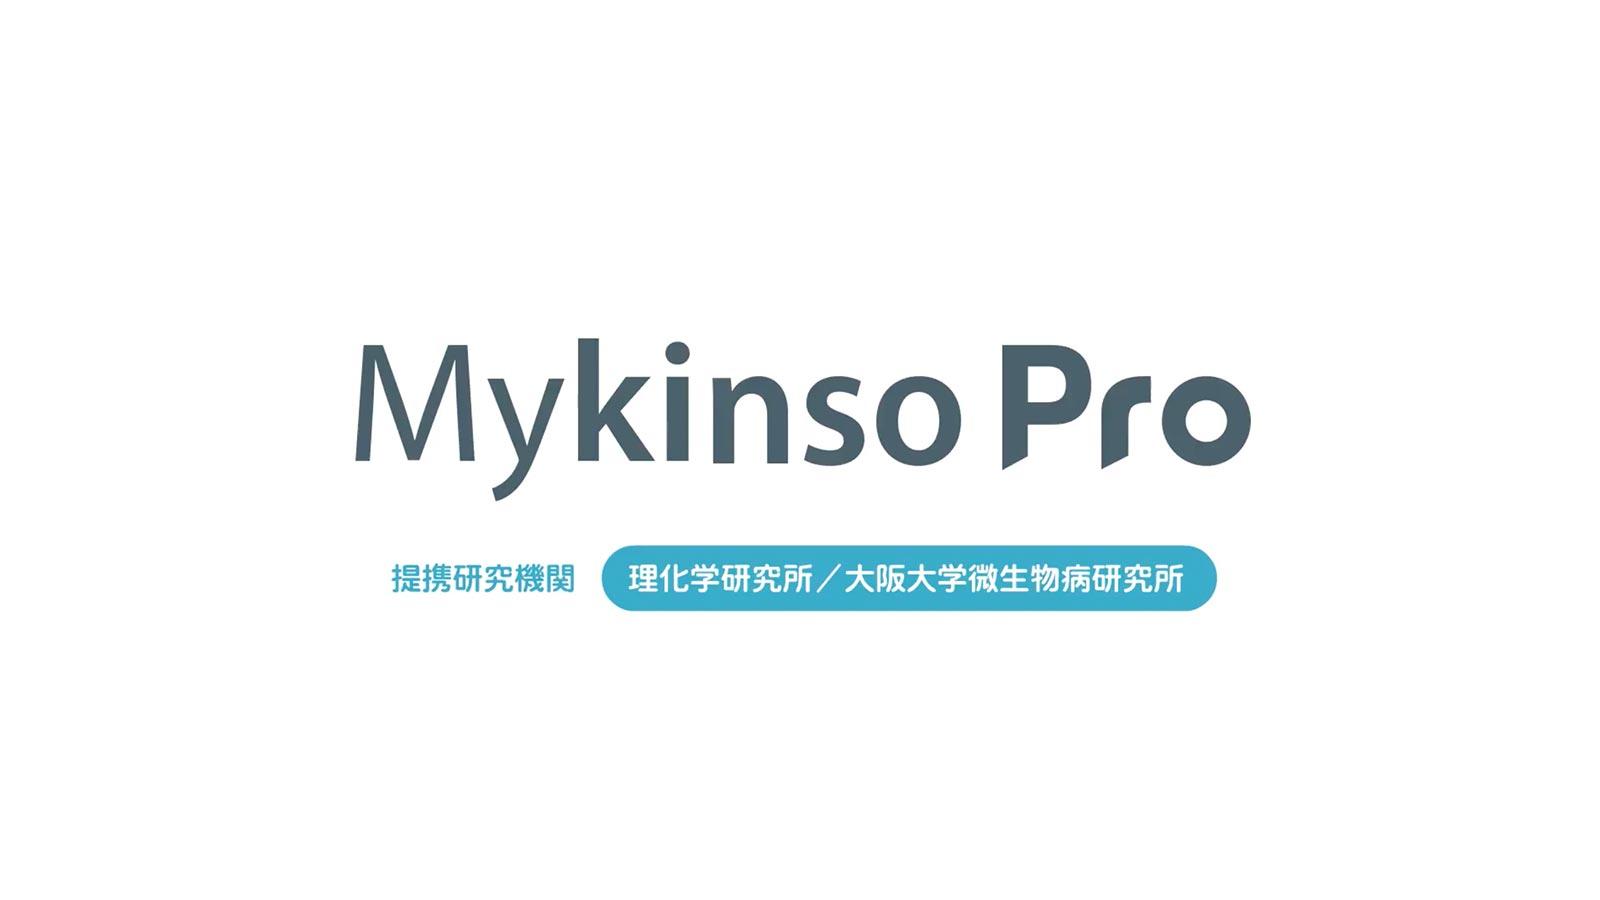 Mykinso Pro